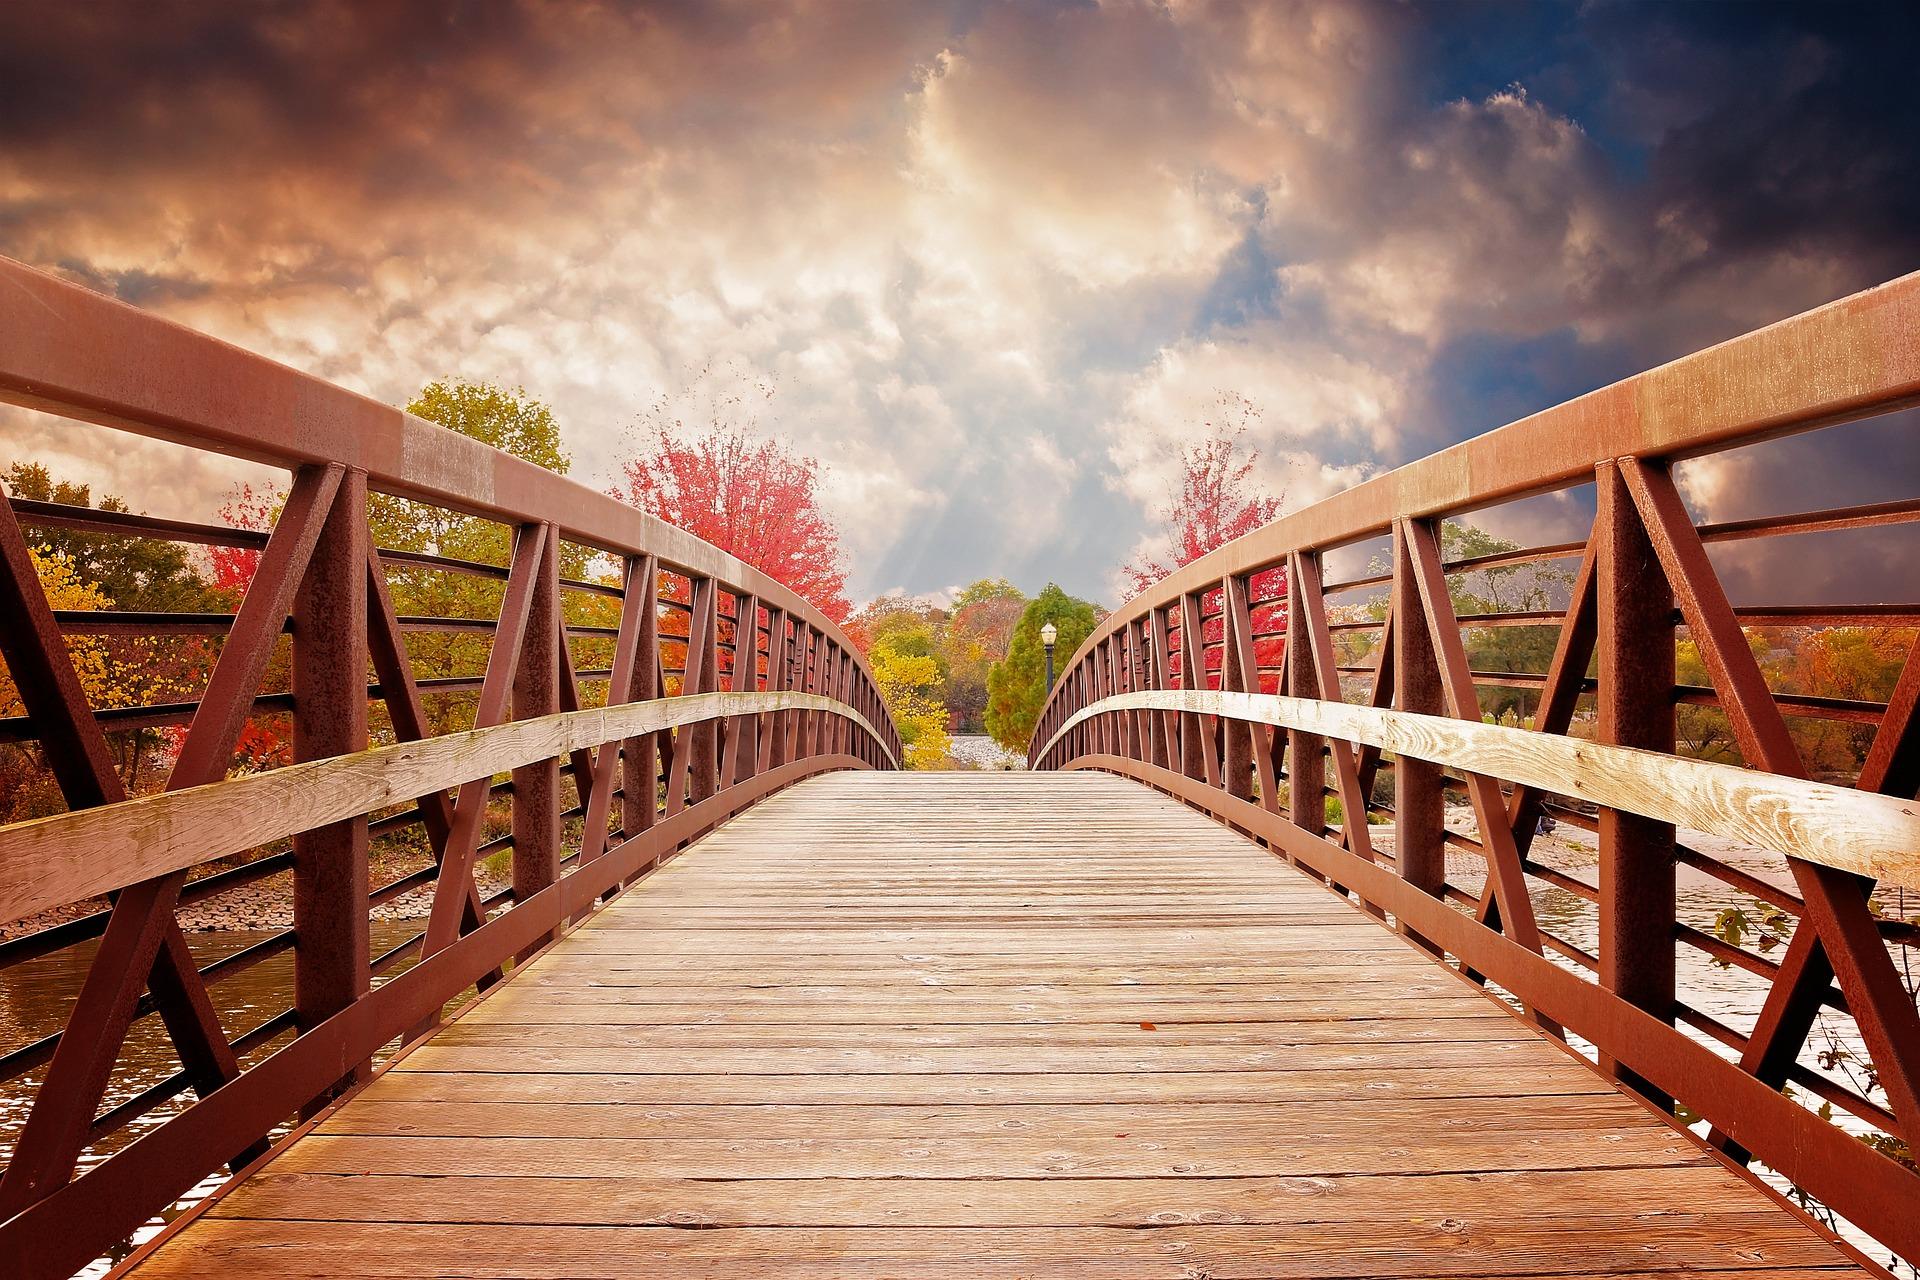 Brücke, Fluss, Herbst, Sonnenuntergang, Wolken, Holzbrücke - Wallpaper HD - Prof.-falken.com